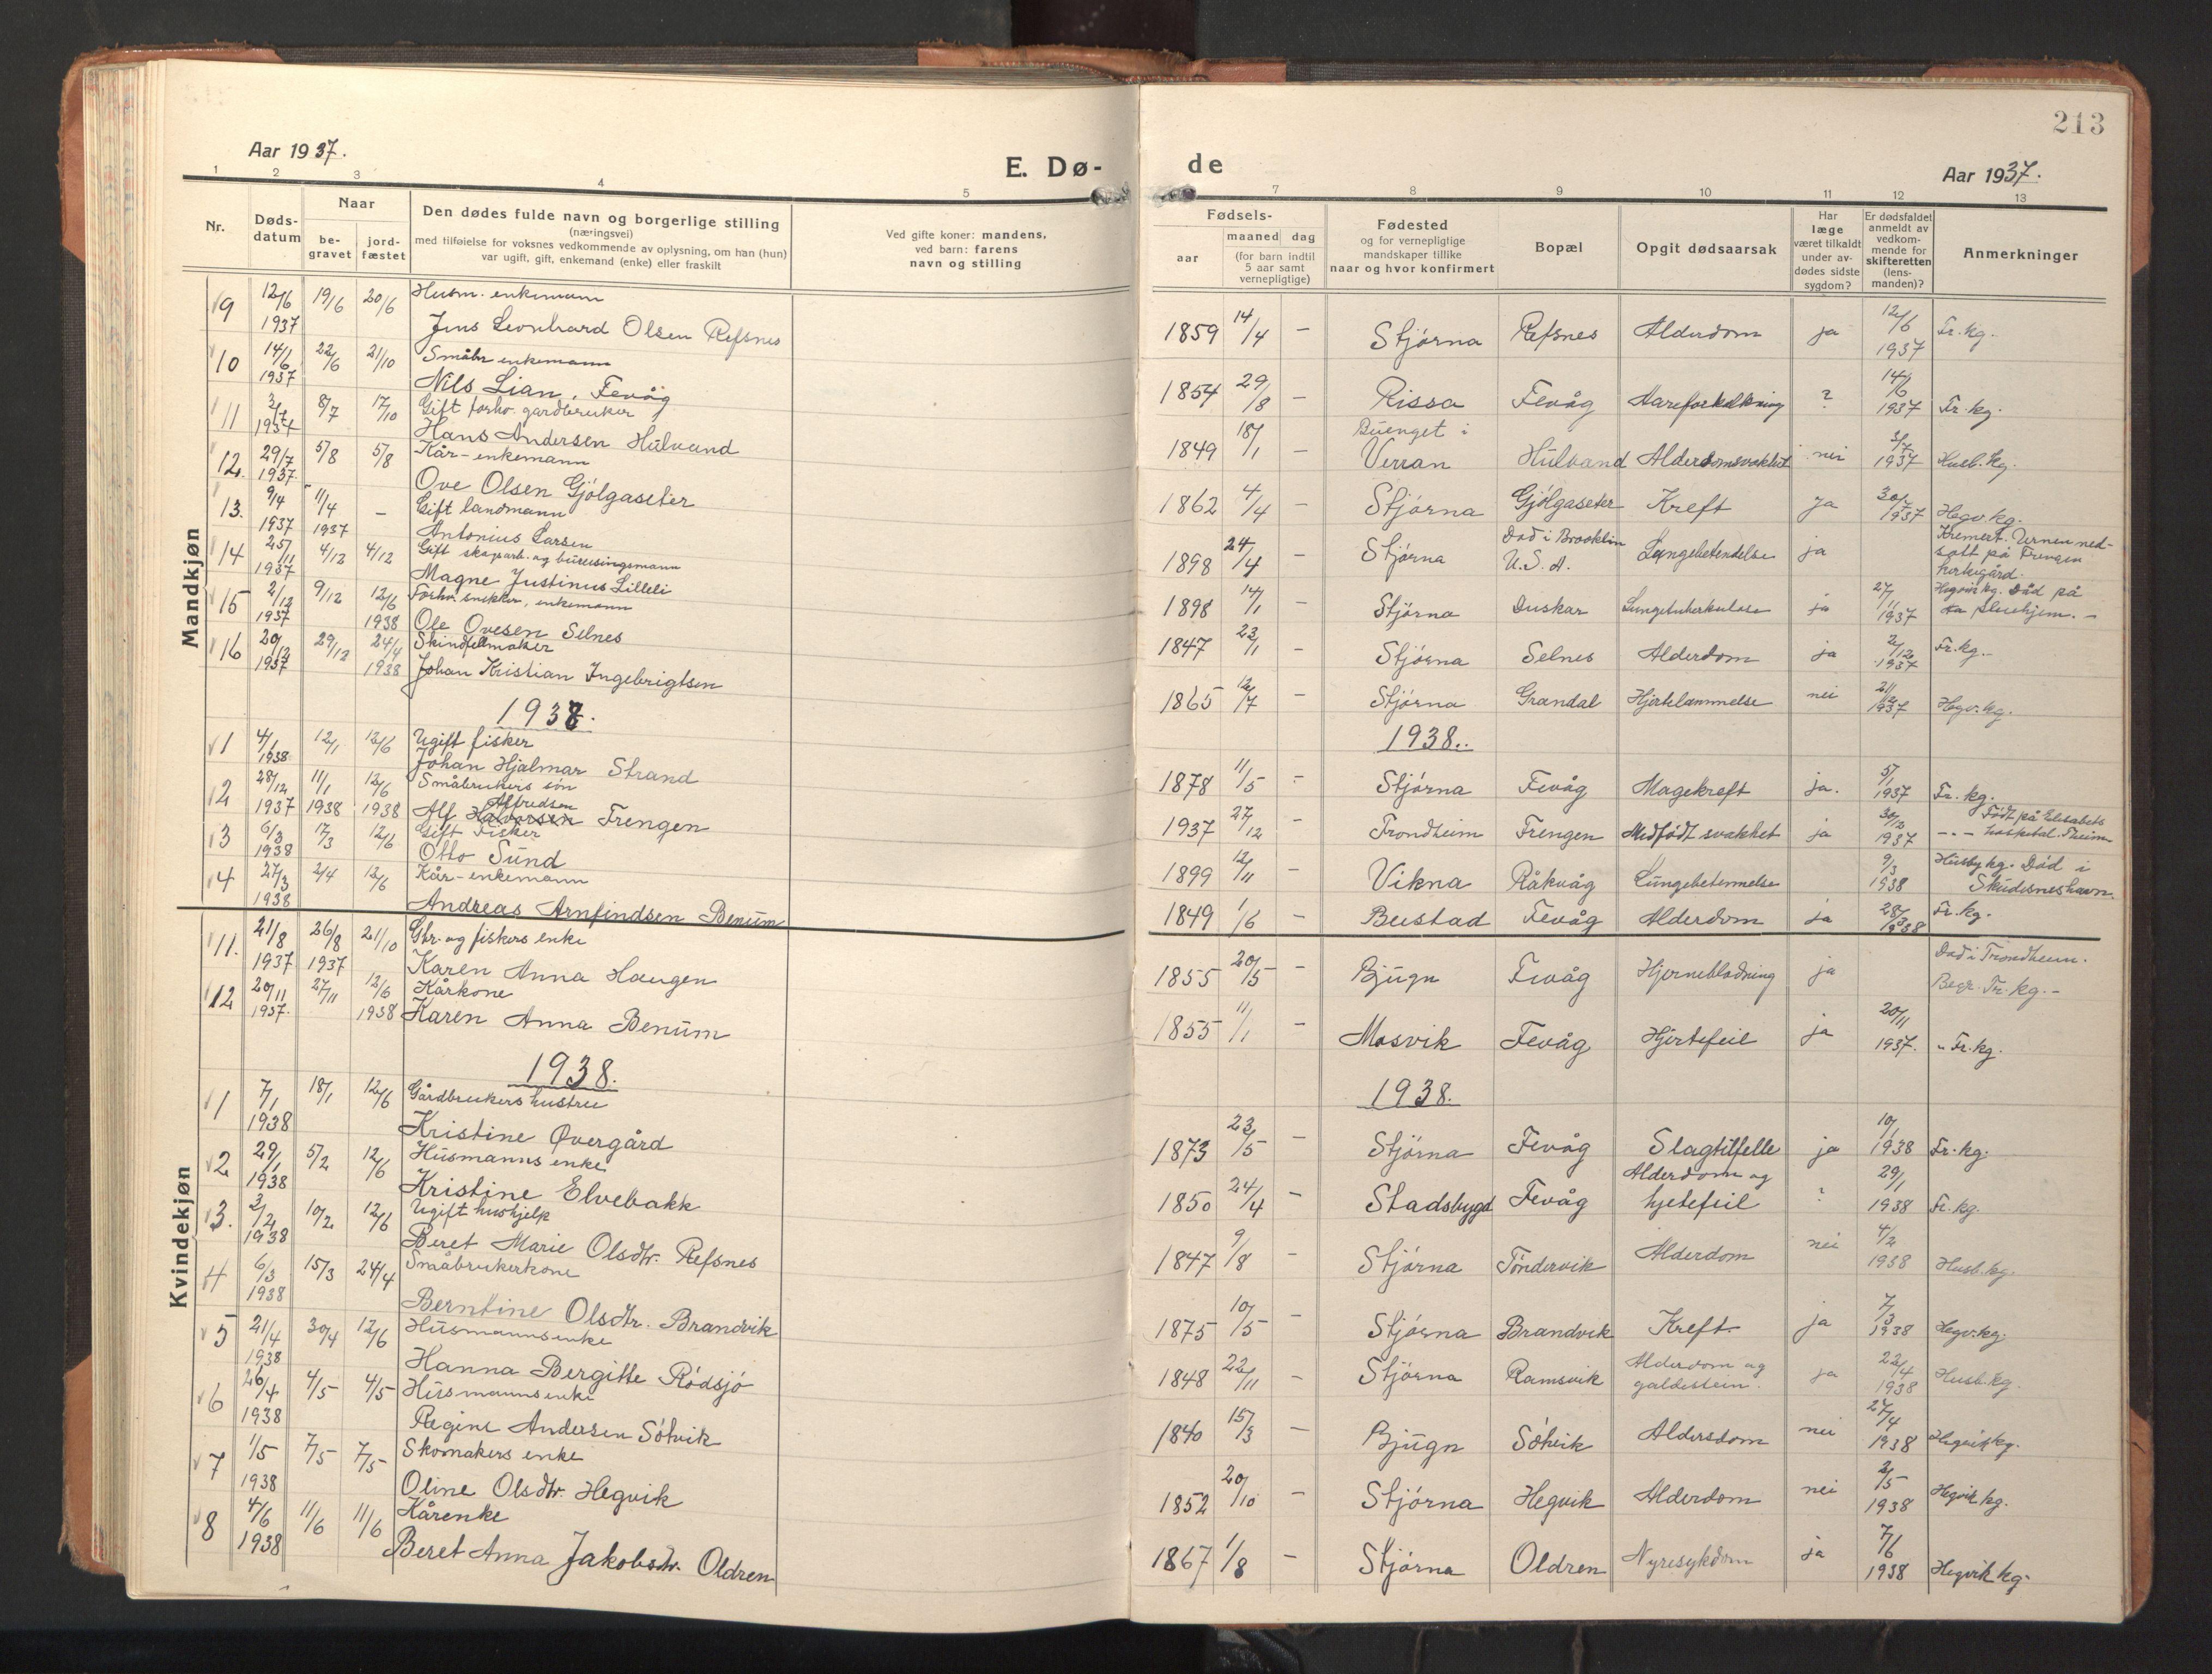 SAT, Ministerialprotokoller, klokkerbøker og fødselsregistre - Sør-Trøndelag, 653/L0658: Klokkerbok nr. 653C02, 1919-1947, s. 213